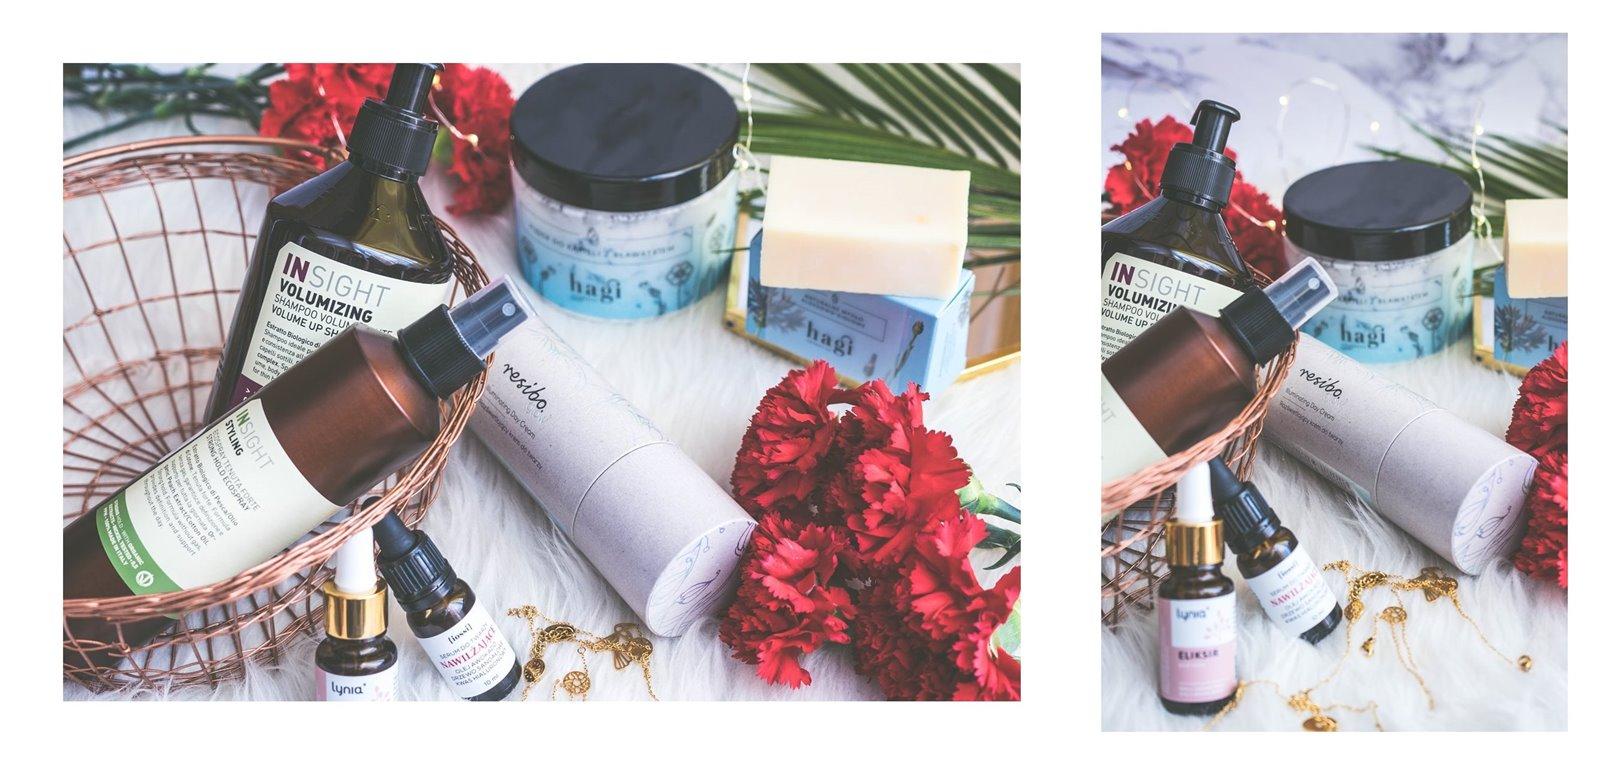 7A drogeria pigment wysyłka cena jakość recenzja opinia gdzie kupić prezent na dzień mamy kraków kosmetyki prezent dla włosomaniaczki dla osoby dbającej o urodę krem serum